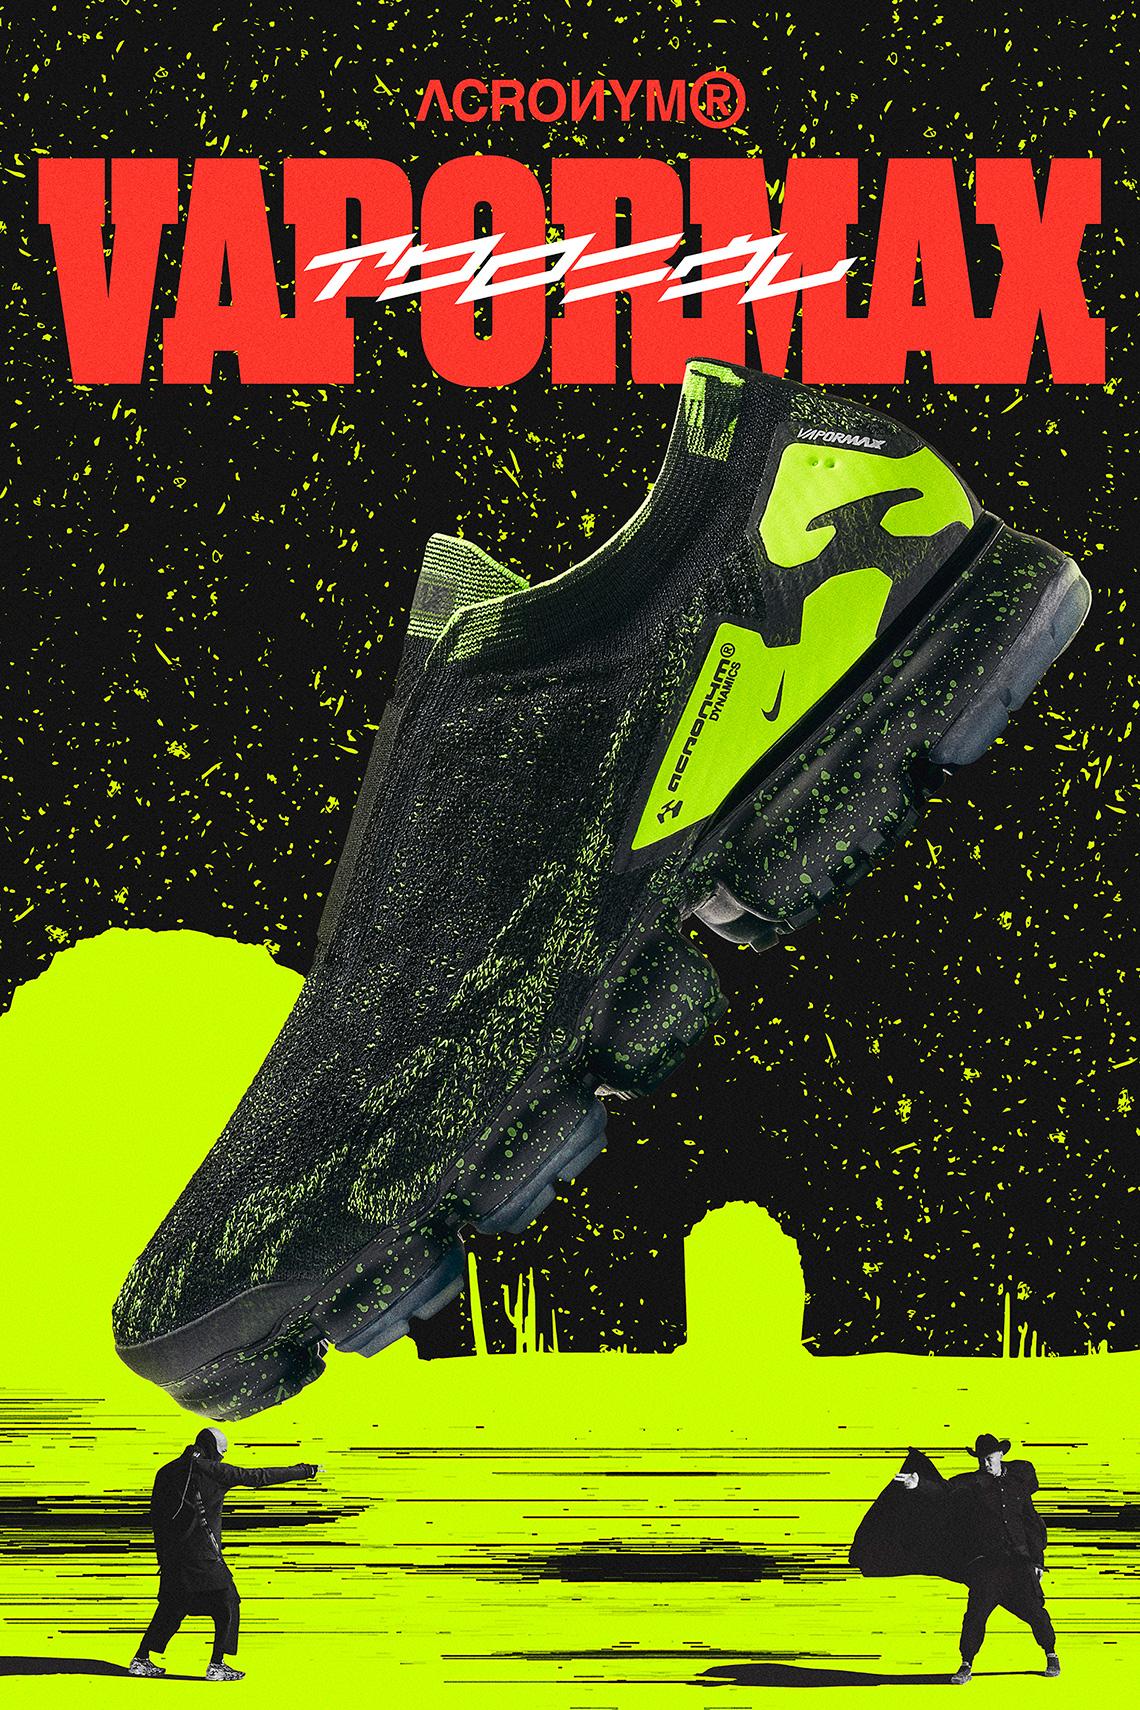 a2b98c7d64fe Ces ACRONYM x Nikelab Vapormax Moc 2 sortent en deux drops distincts. Le  premier coloris Light Bone a été commercialisé le 24 mars tandis que les  deux ...